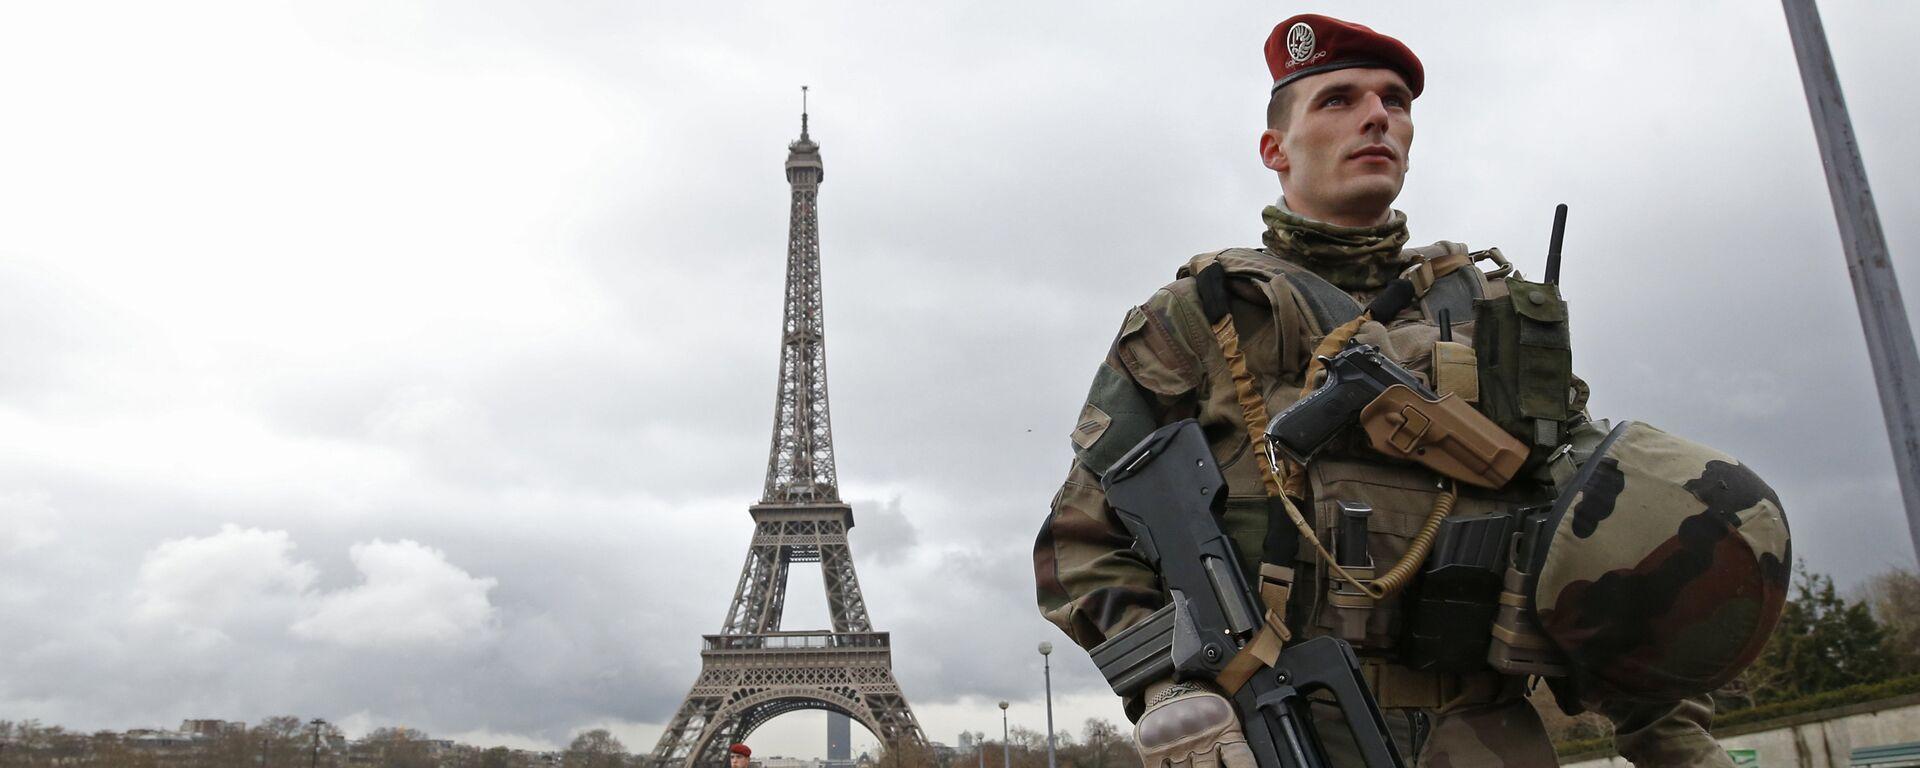 Francuski vojnici u patroli u blizini Ajfelovog tornja u Parizu - Sputnik Srbija, 1920, 07.10.2021